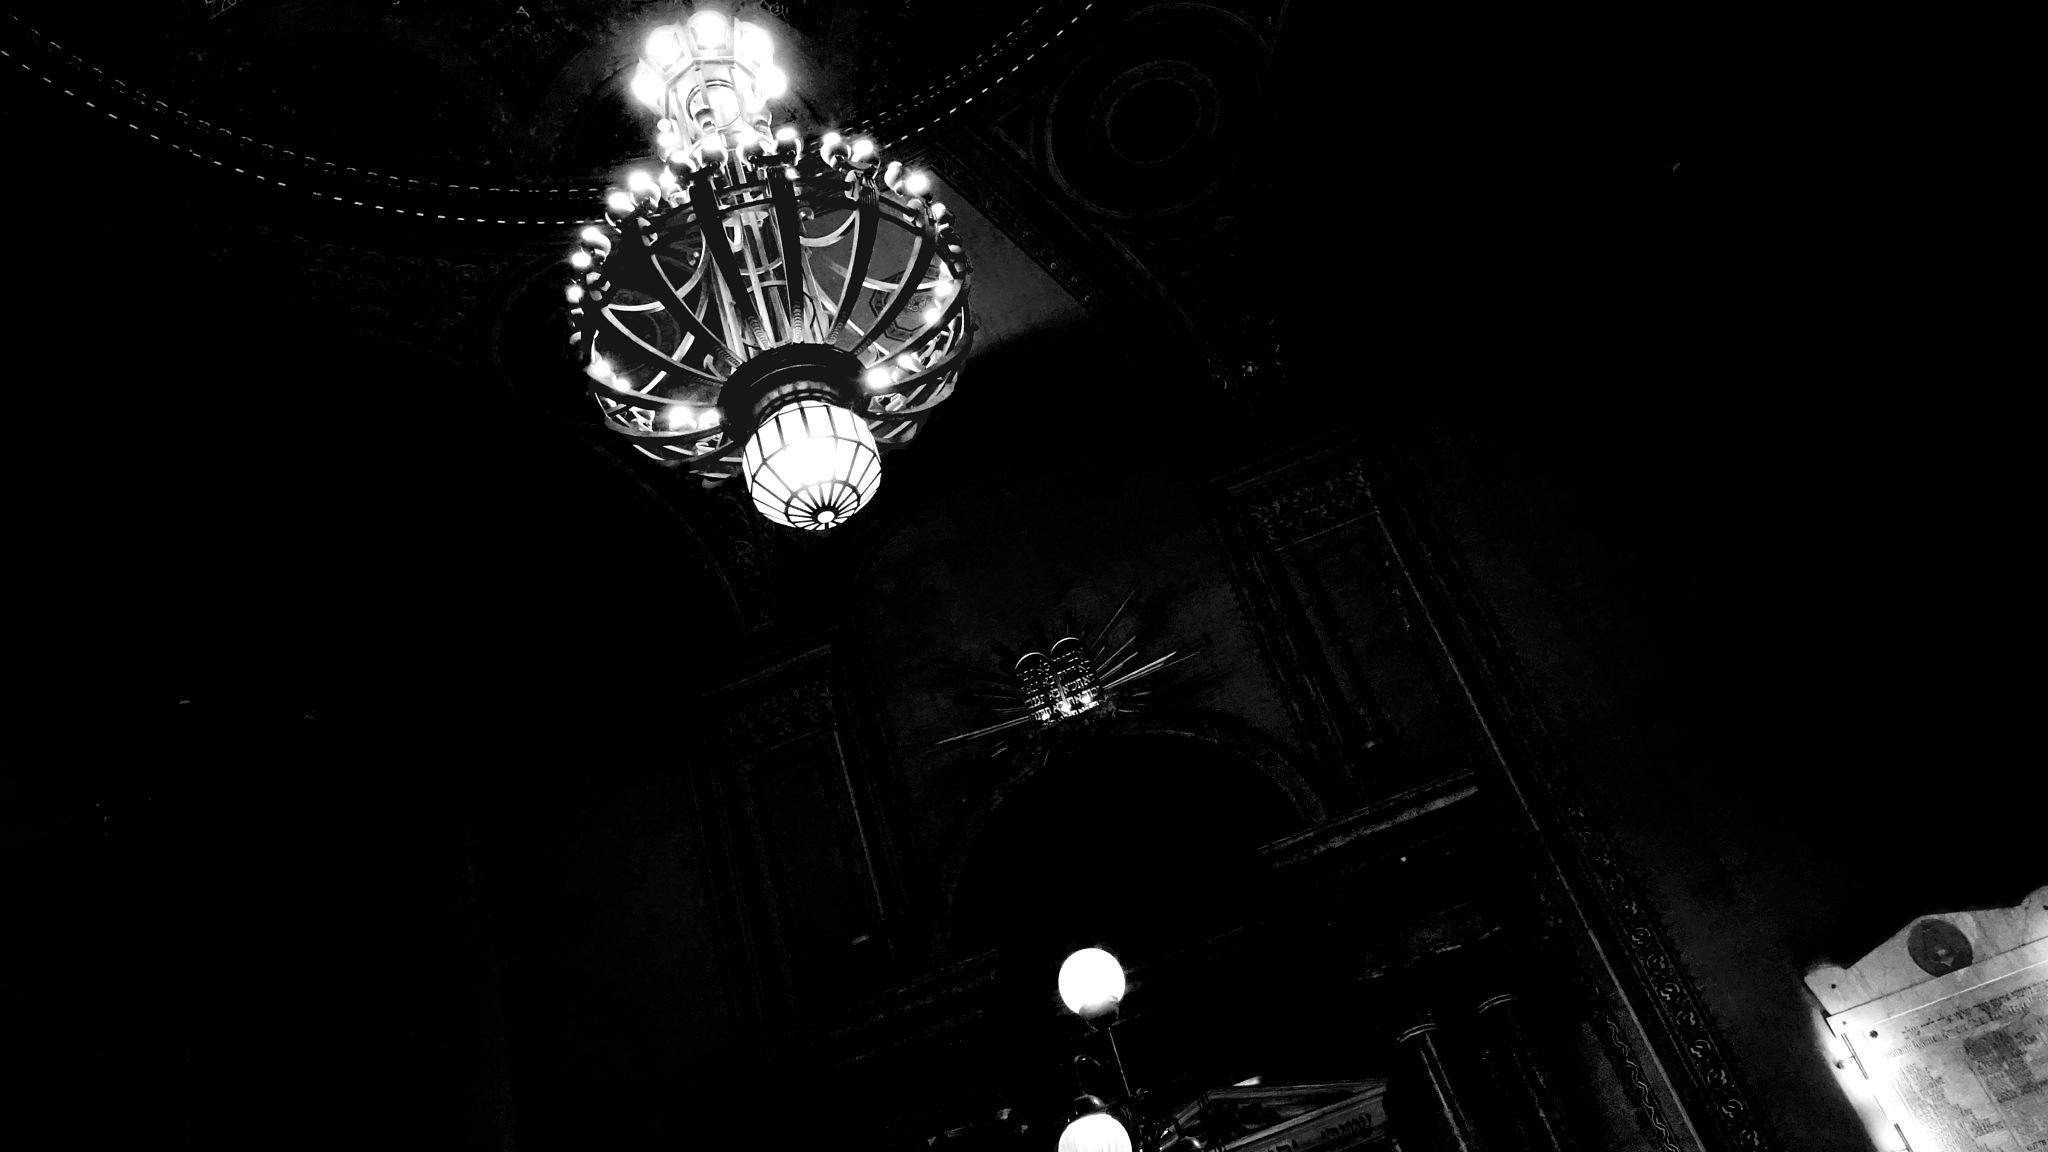 Lights 21 by Florian B